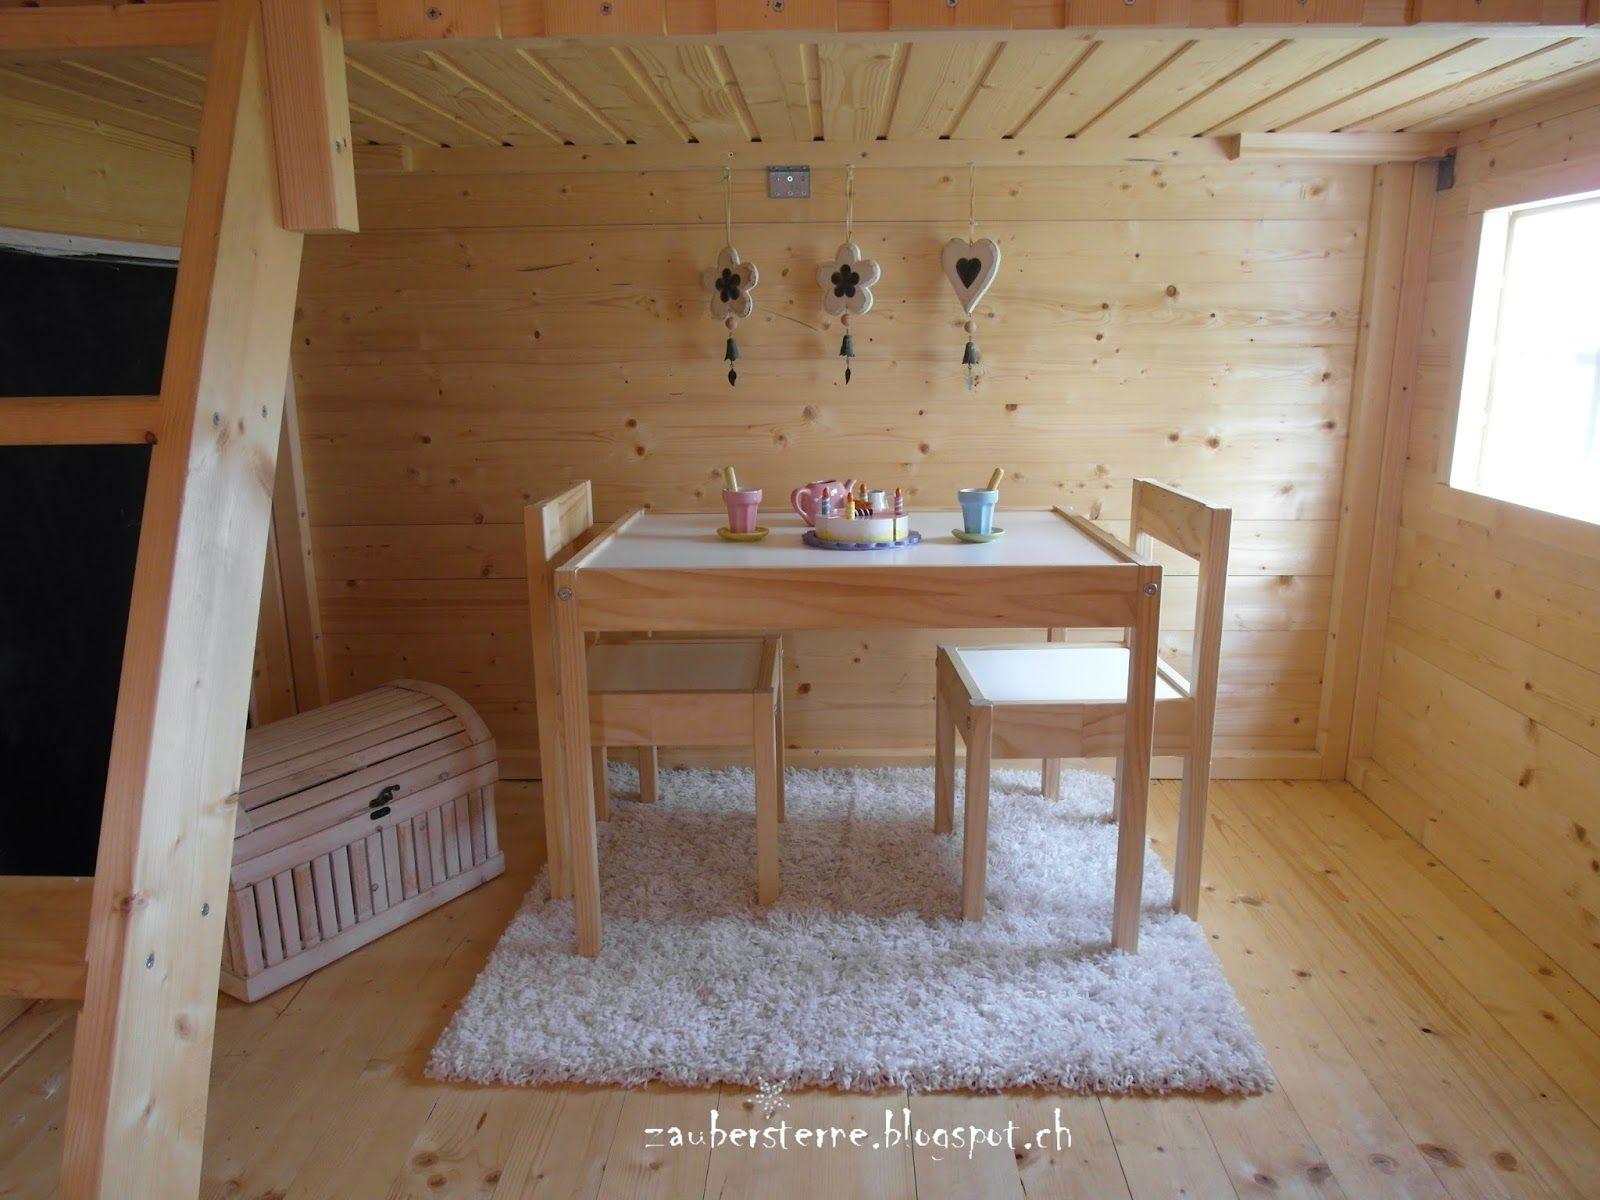 spielhaus kinderspielhaus spielhaus tom kinder. Black Bedroom Furniture Sets. Home Design Ideas